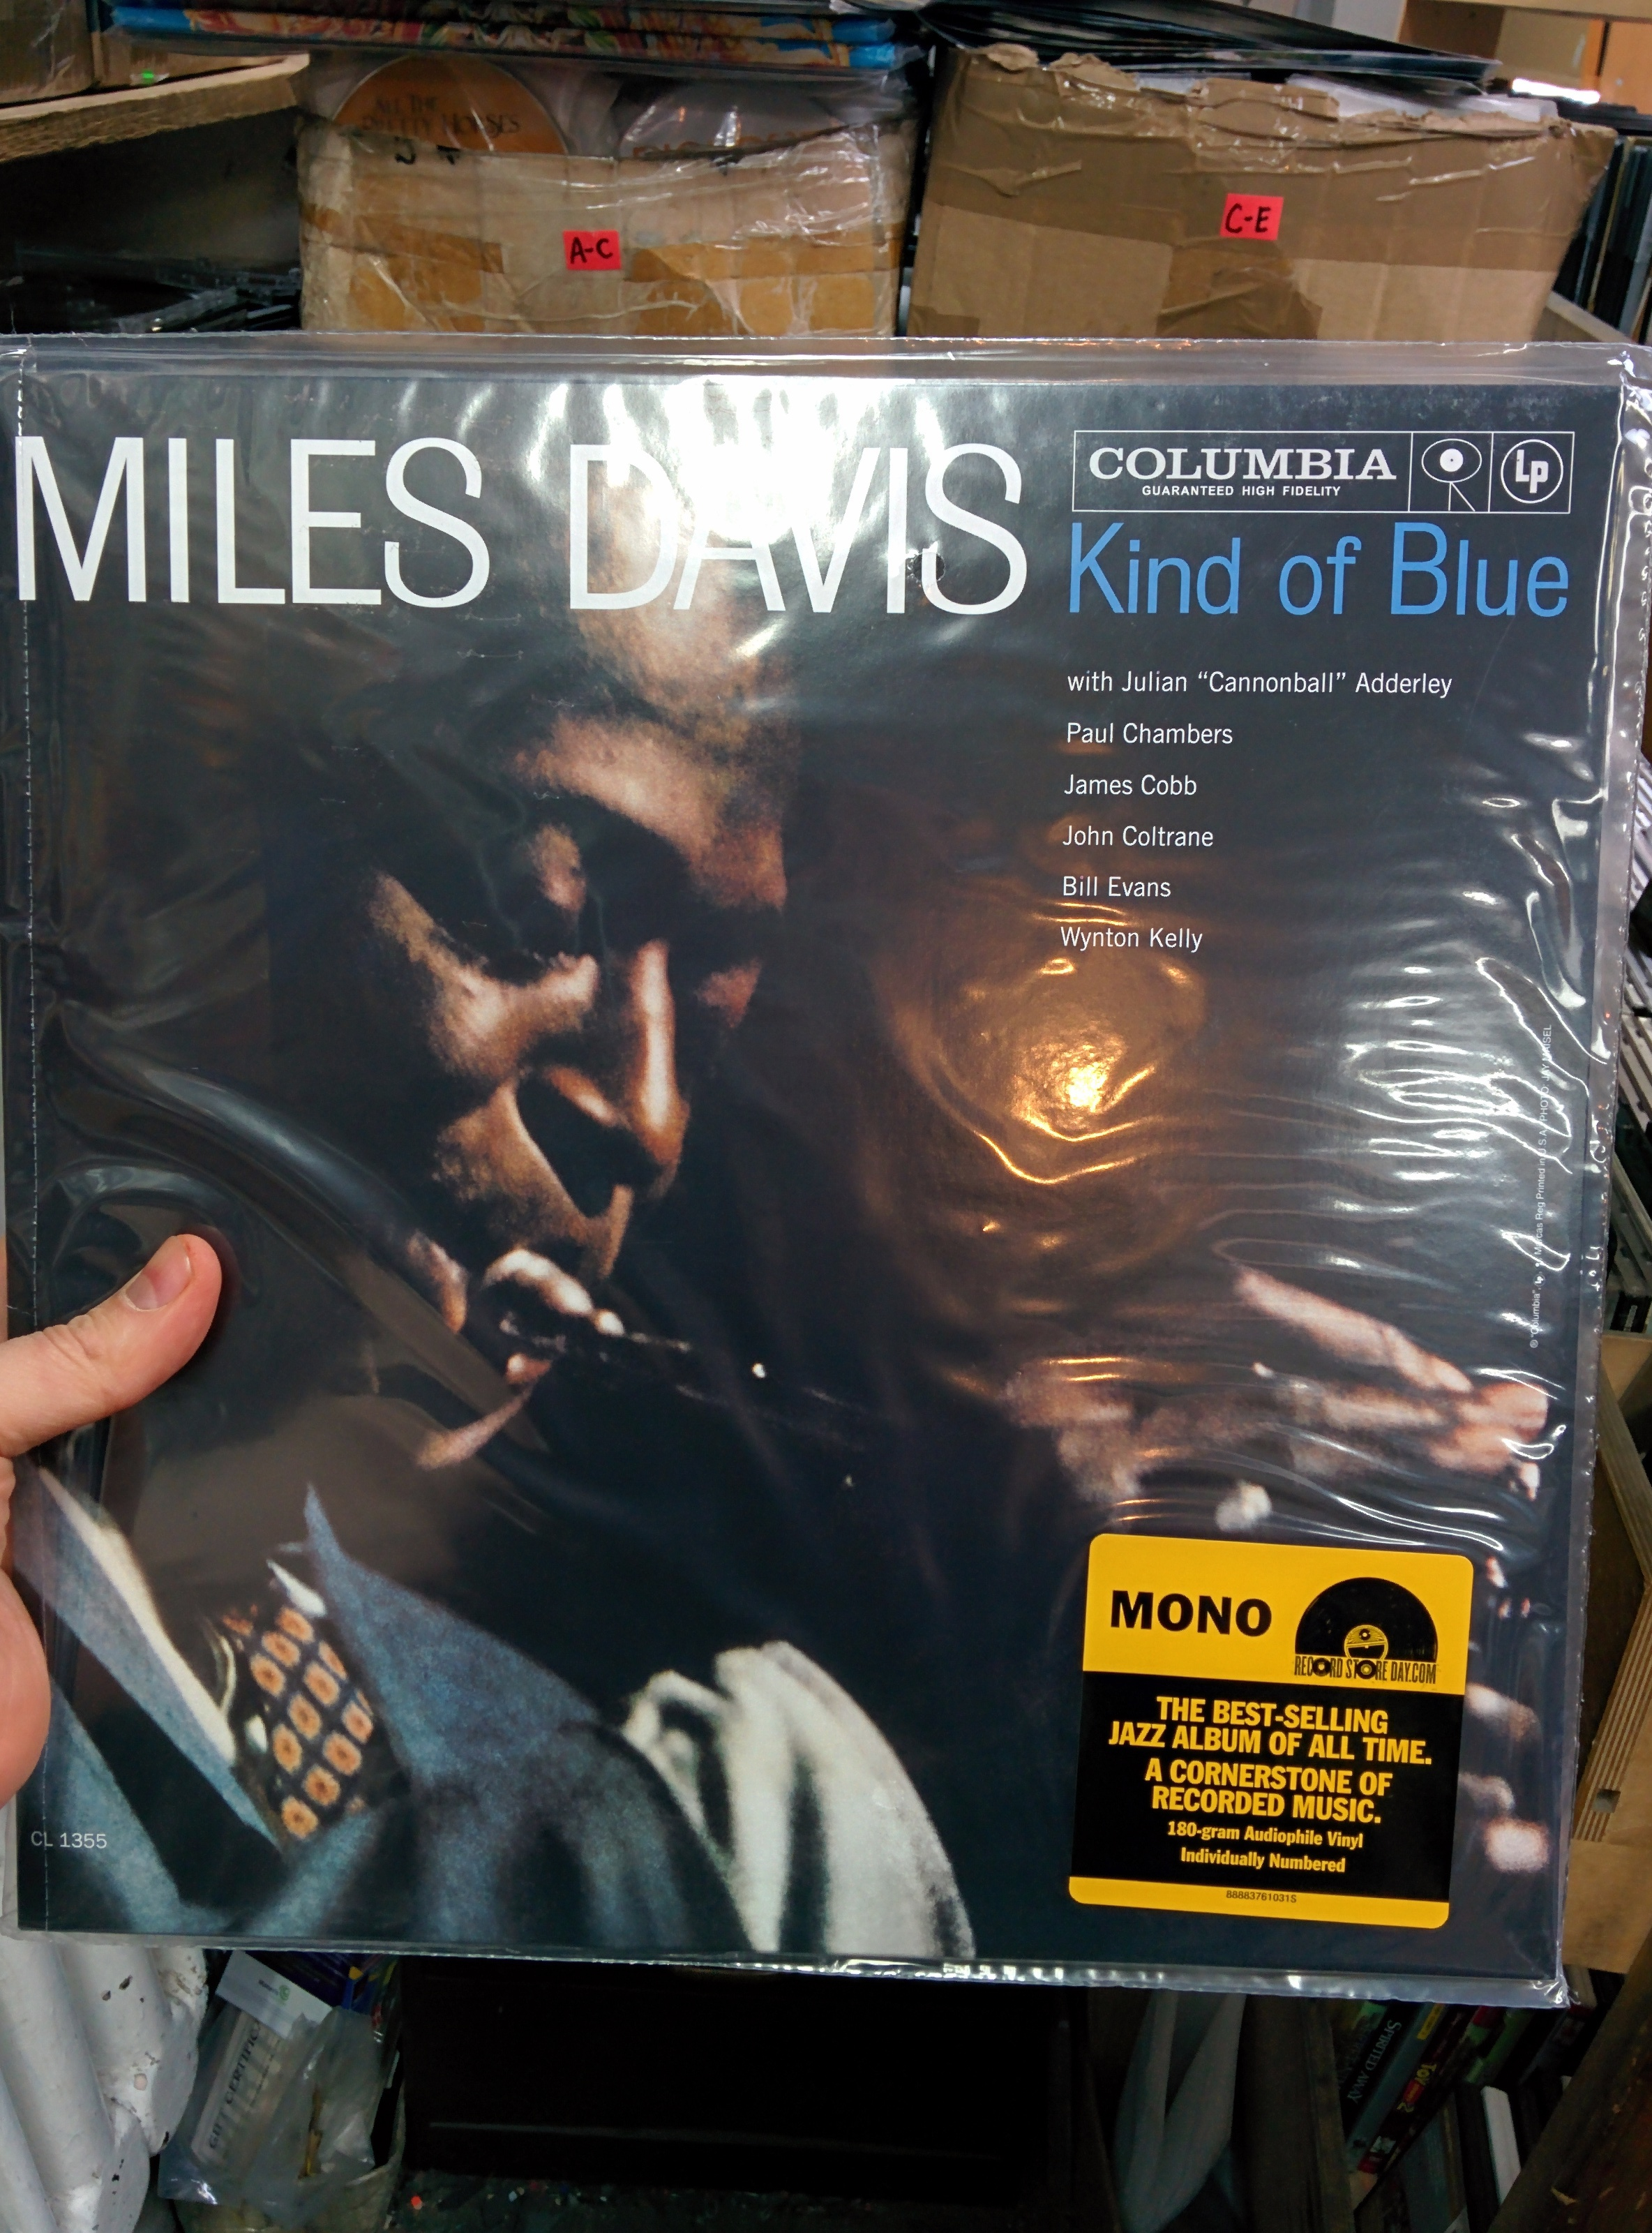 Mono Miles Davis Kinda Blue - $19.99